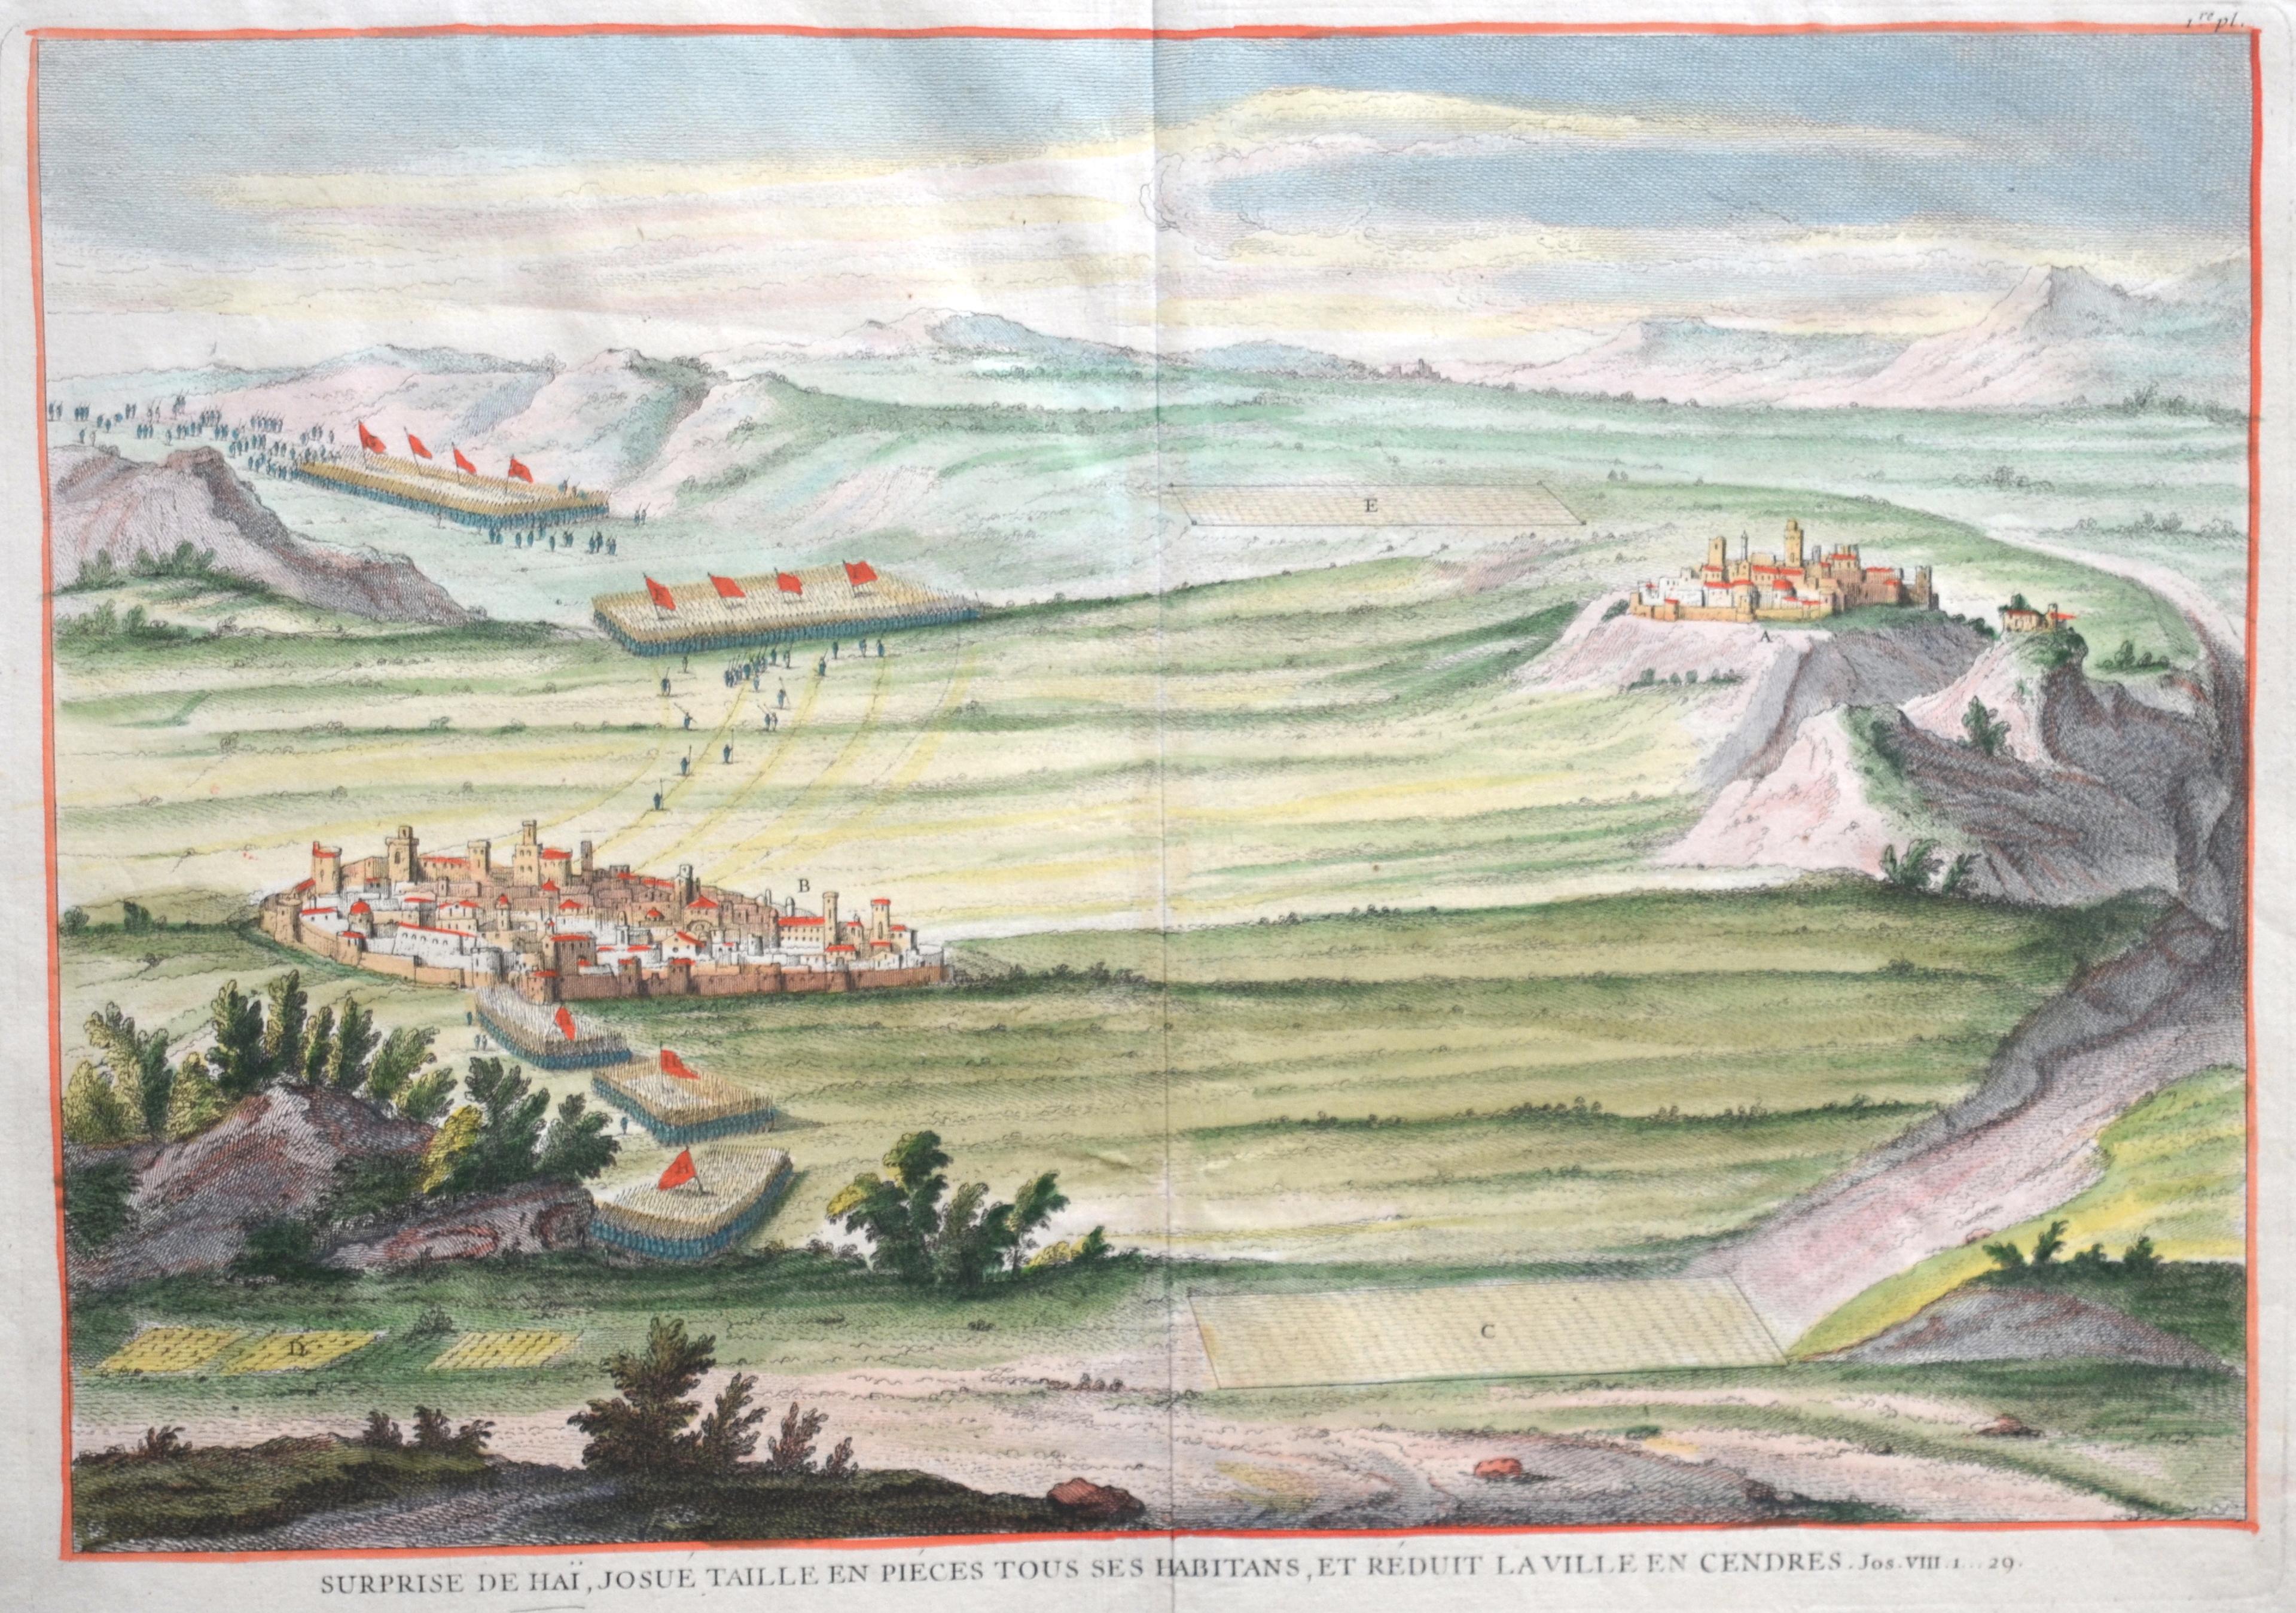 Anonymus  Surprise de Haï, Josué taille en piéces tous ses habitans, et réduit la Ville en Cendres.